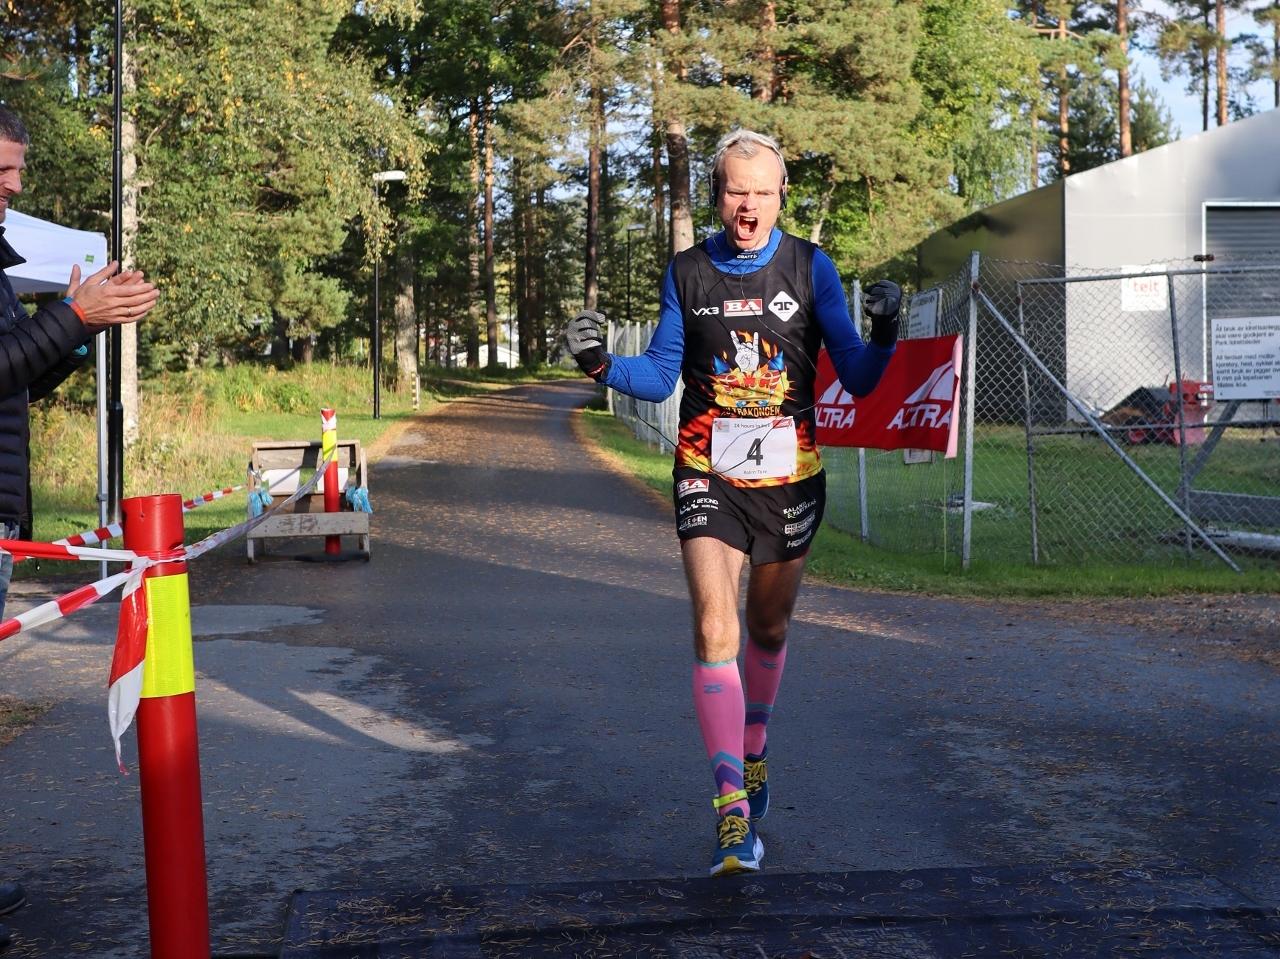 Bjørn_Tore_Taranger (1280x959).jpg